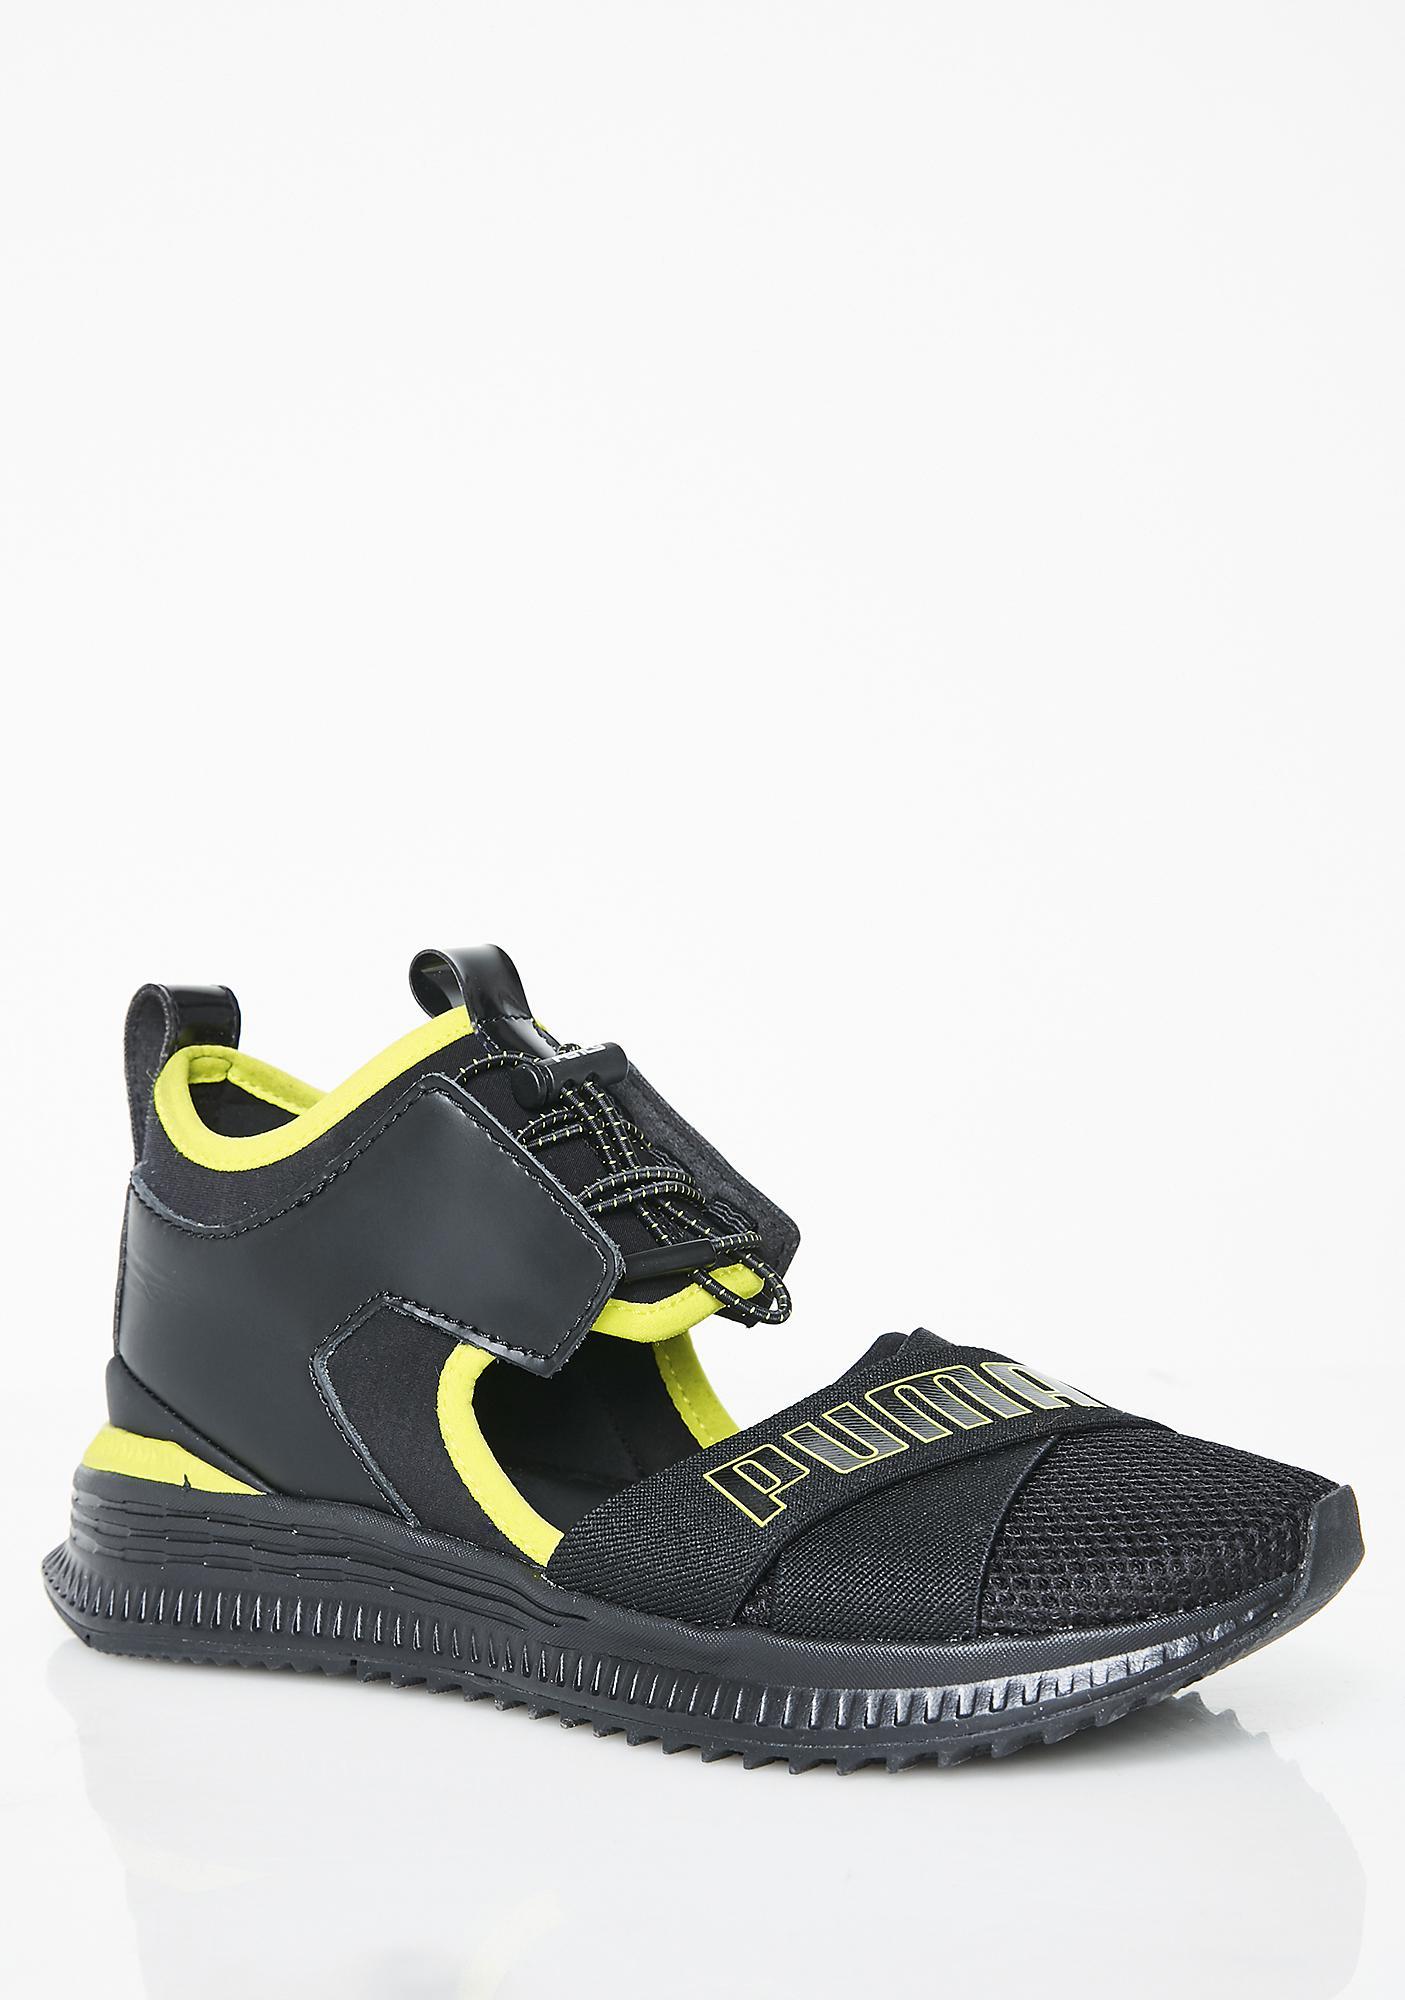 meet 3221d d58e9 Dark FENTY PUMA by Rihanna Avid Sneakers